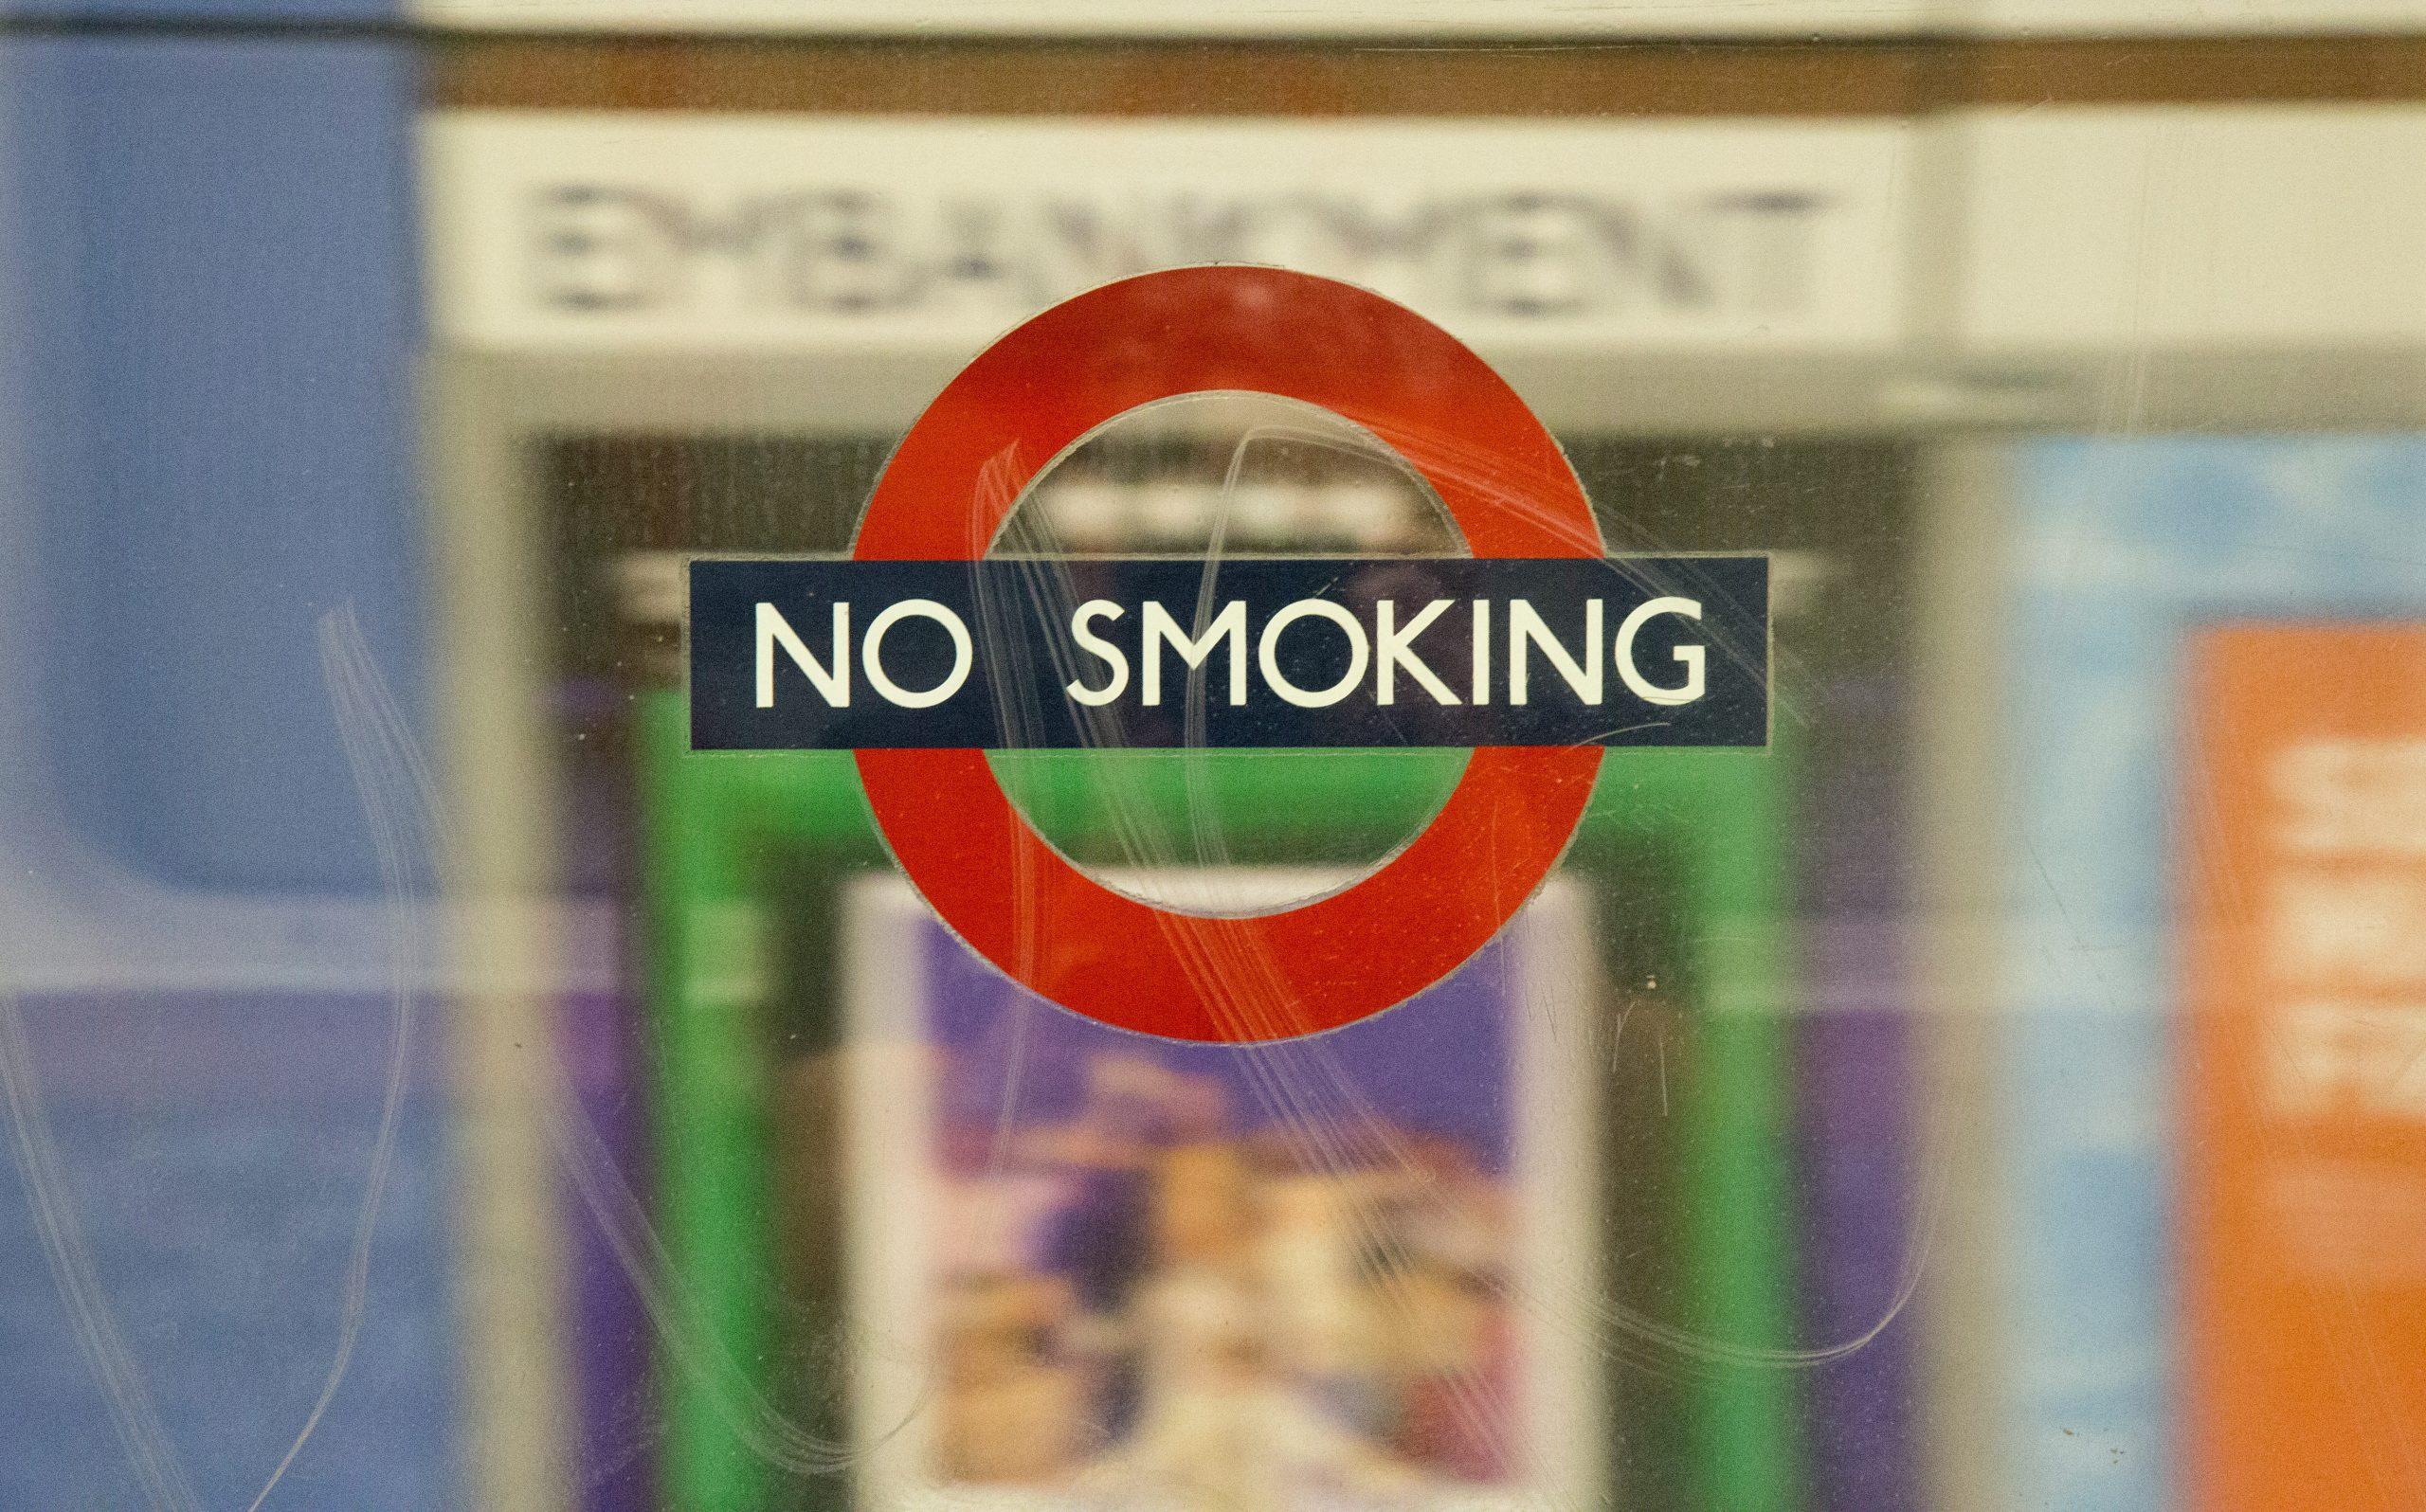 Mesajul no smoking afisat pe geamt pe